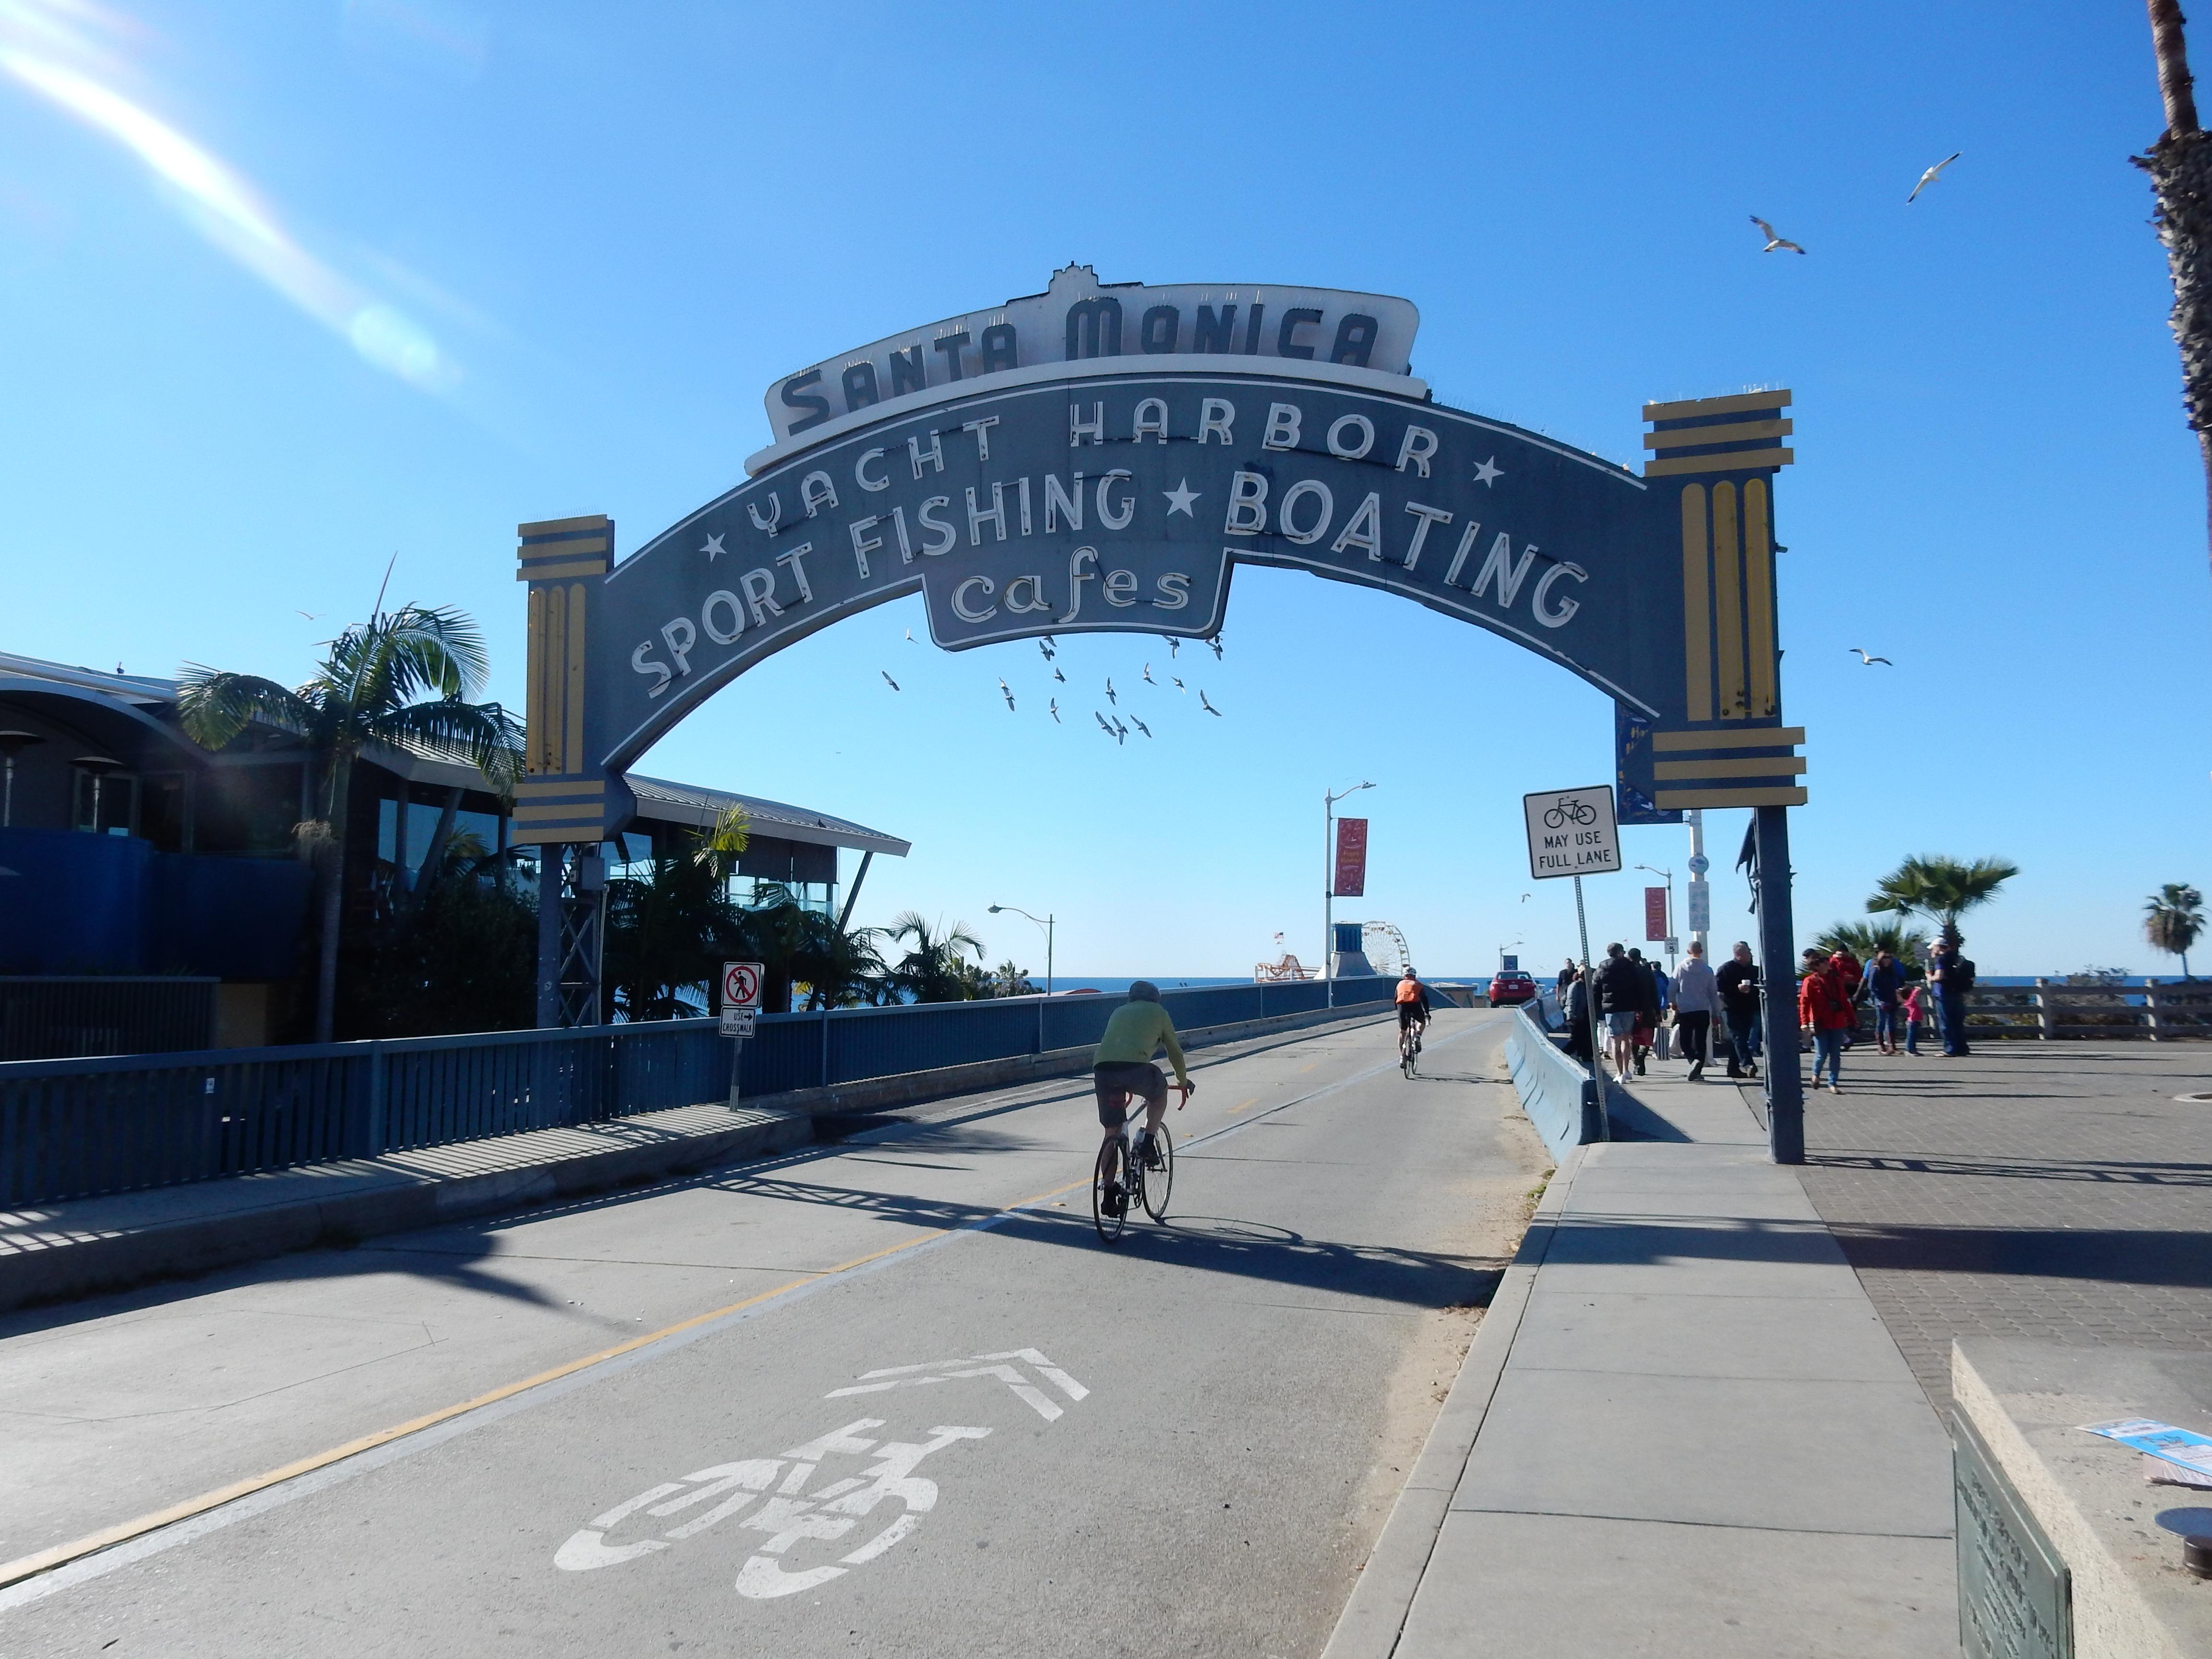 カリフォルニアで自転車ライフ!交通ルール・ヘルメット・空気入れ